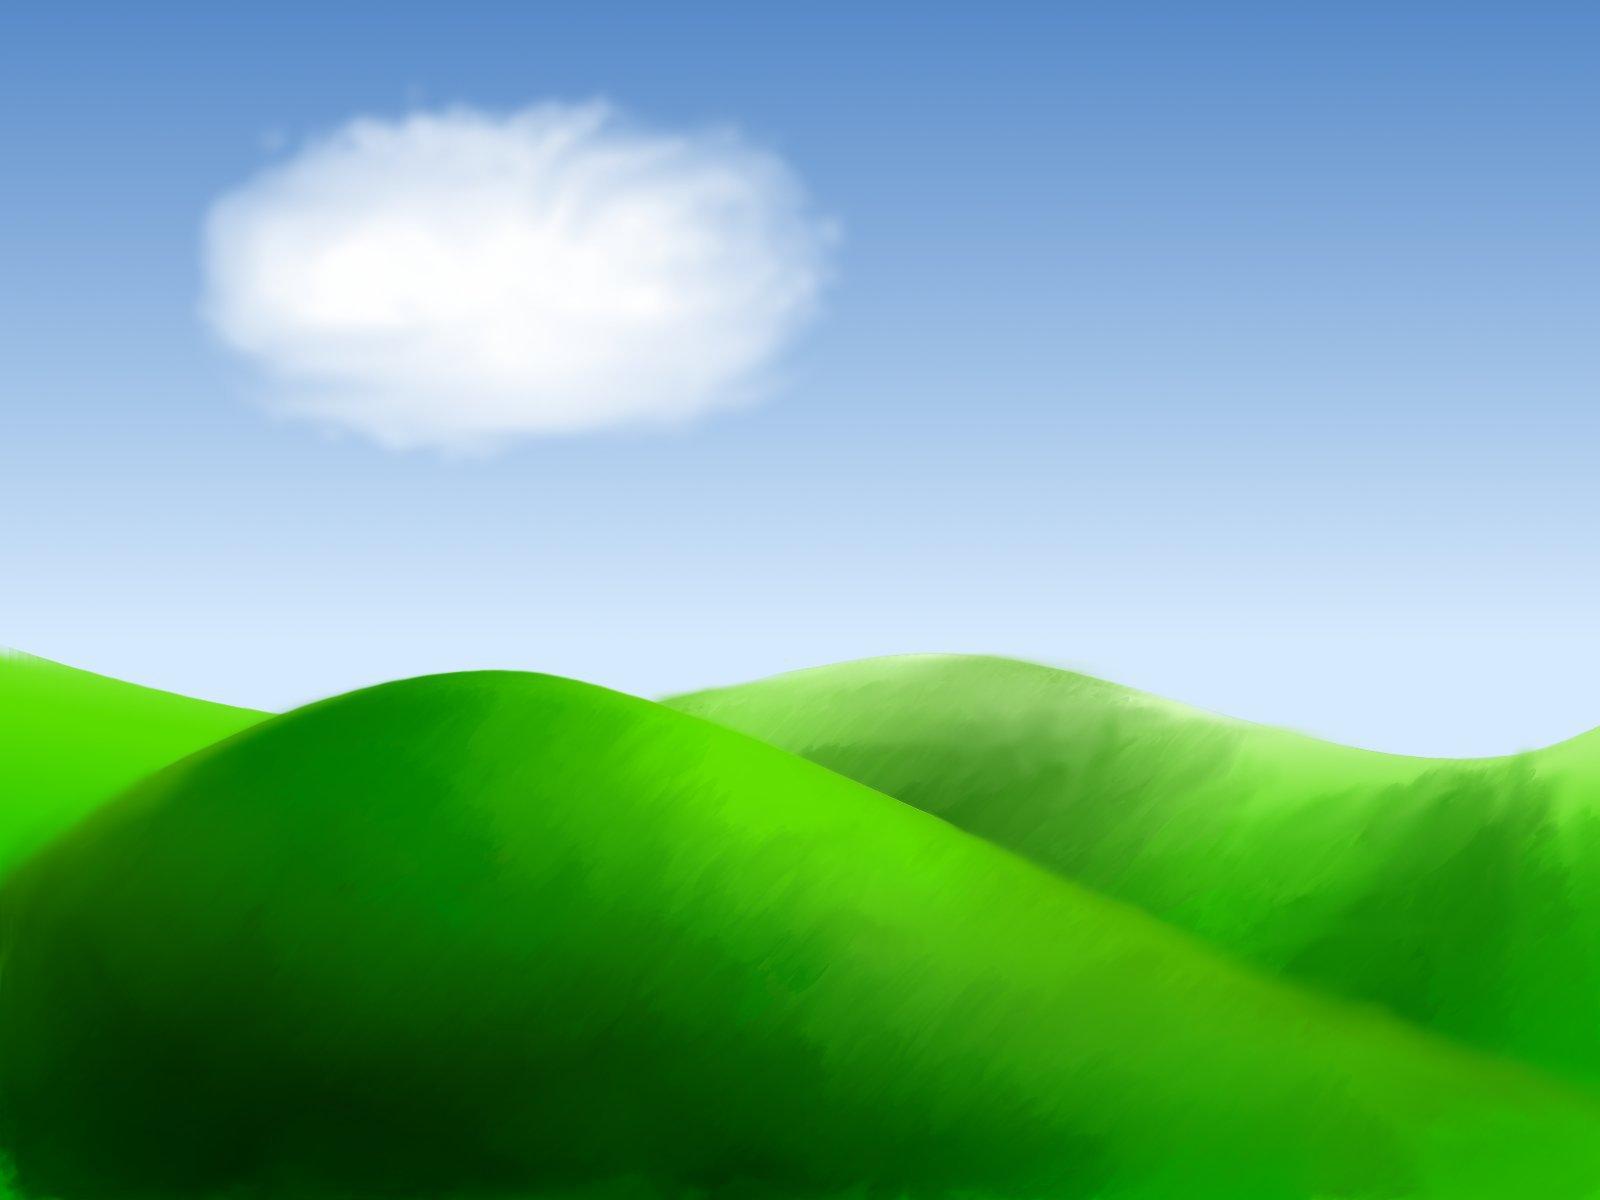 Hills Clipart